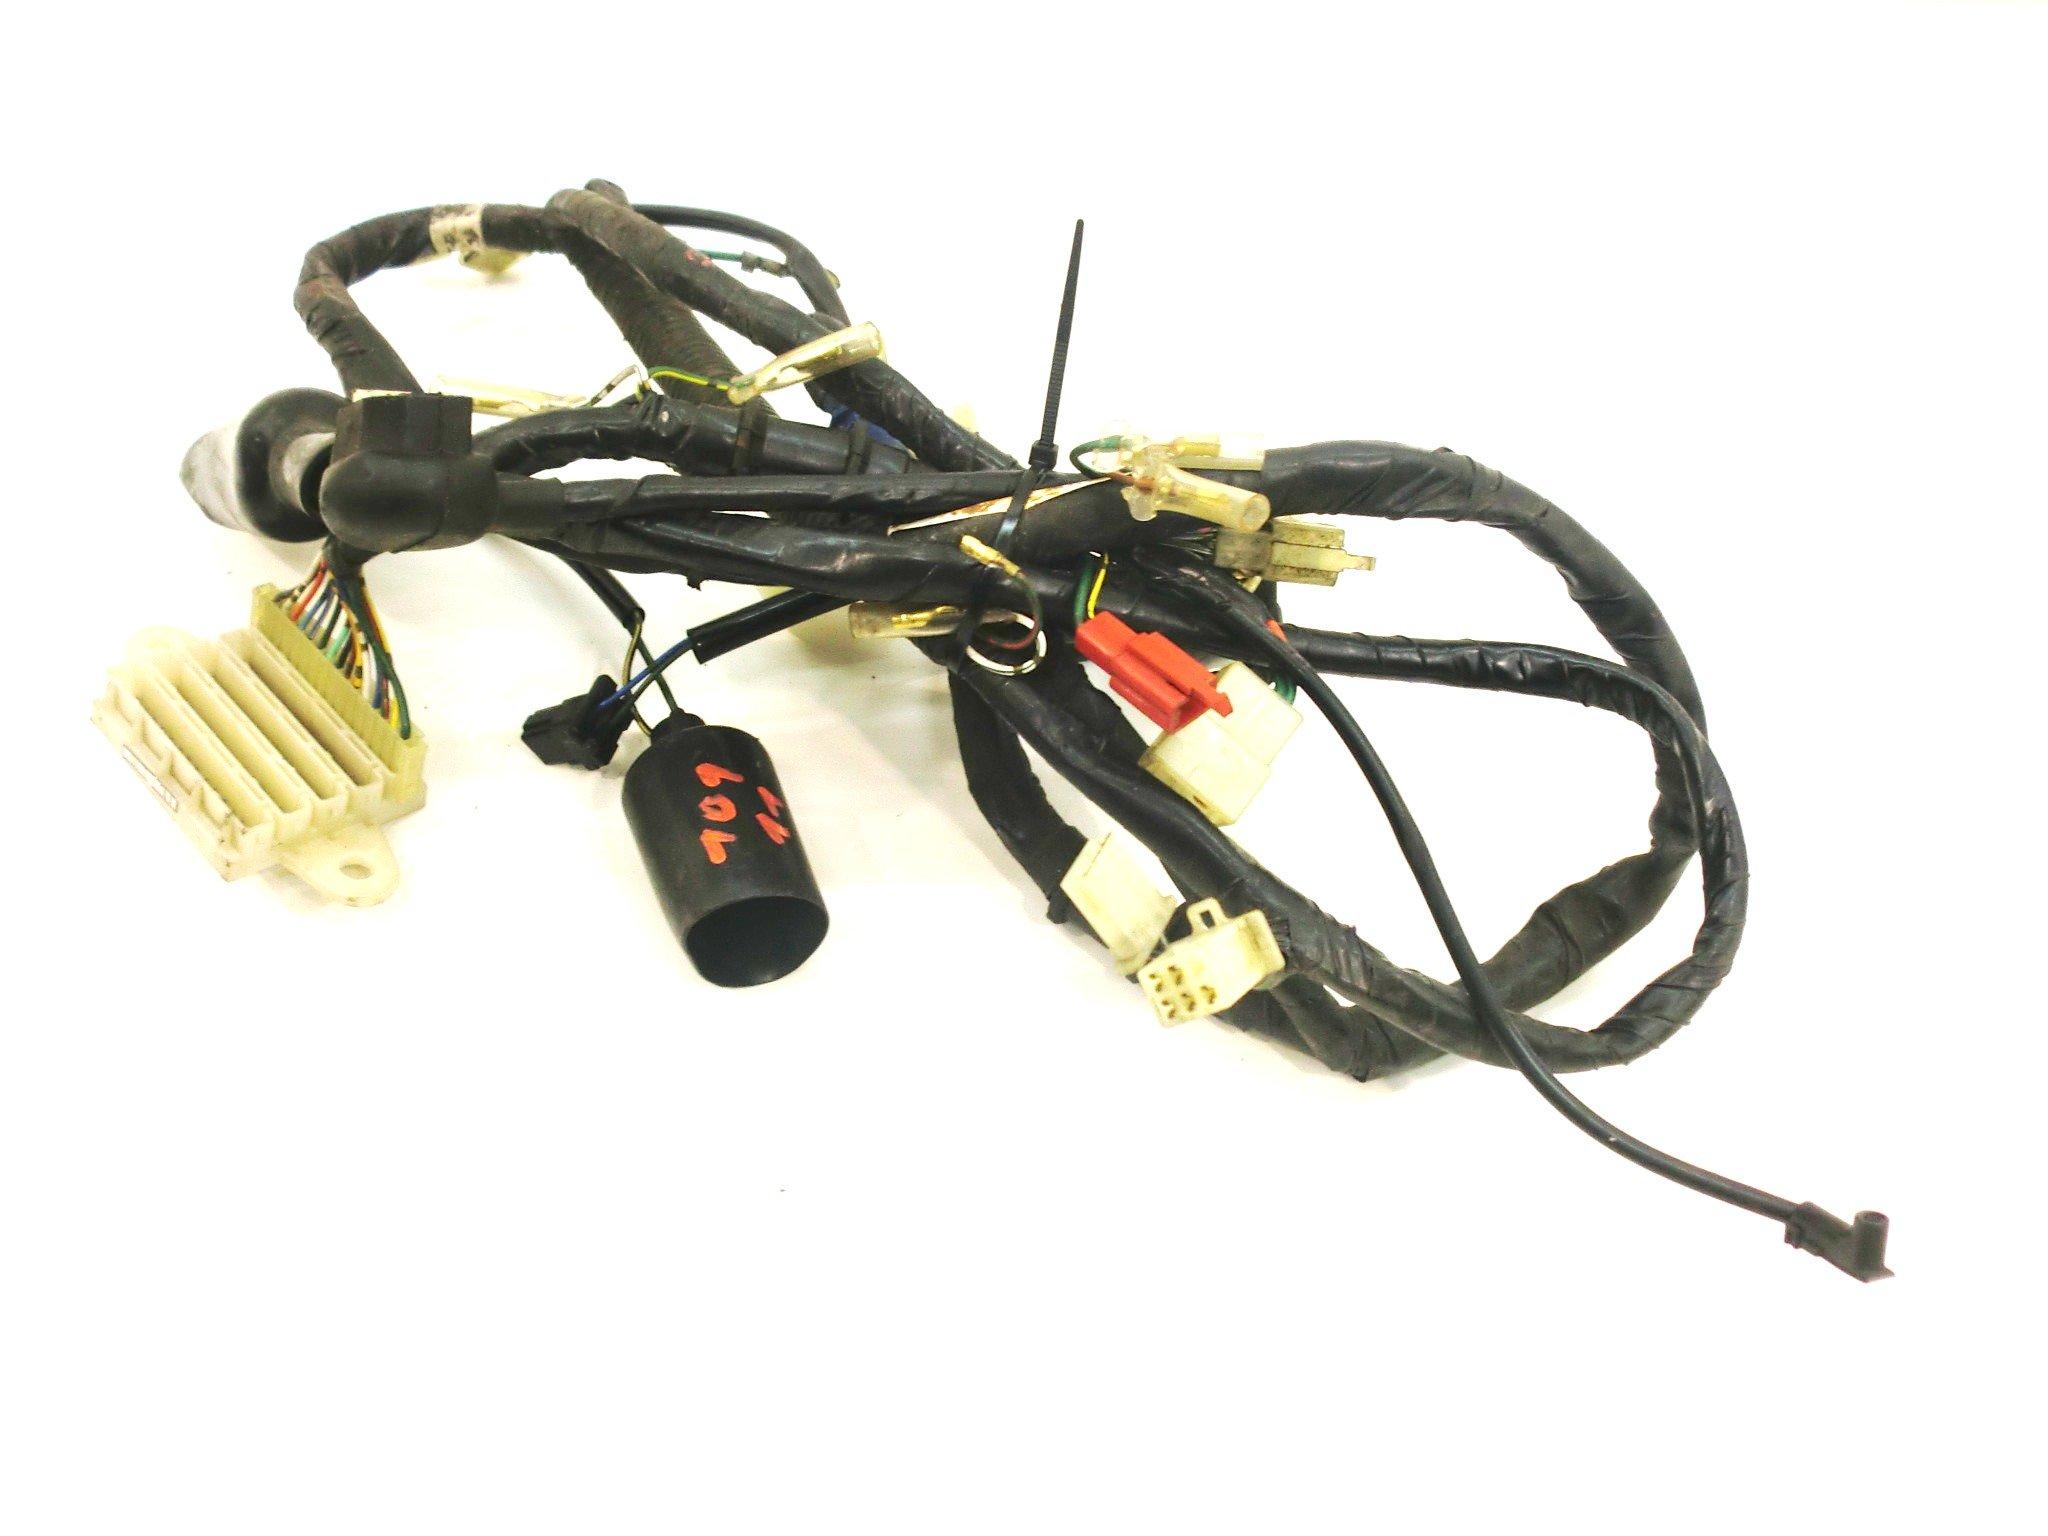 Honda Spacy 125 (JF03) Kabelbaum Kabelstecker Kabel Stecker 101_11 ...